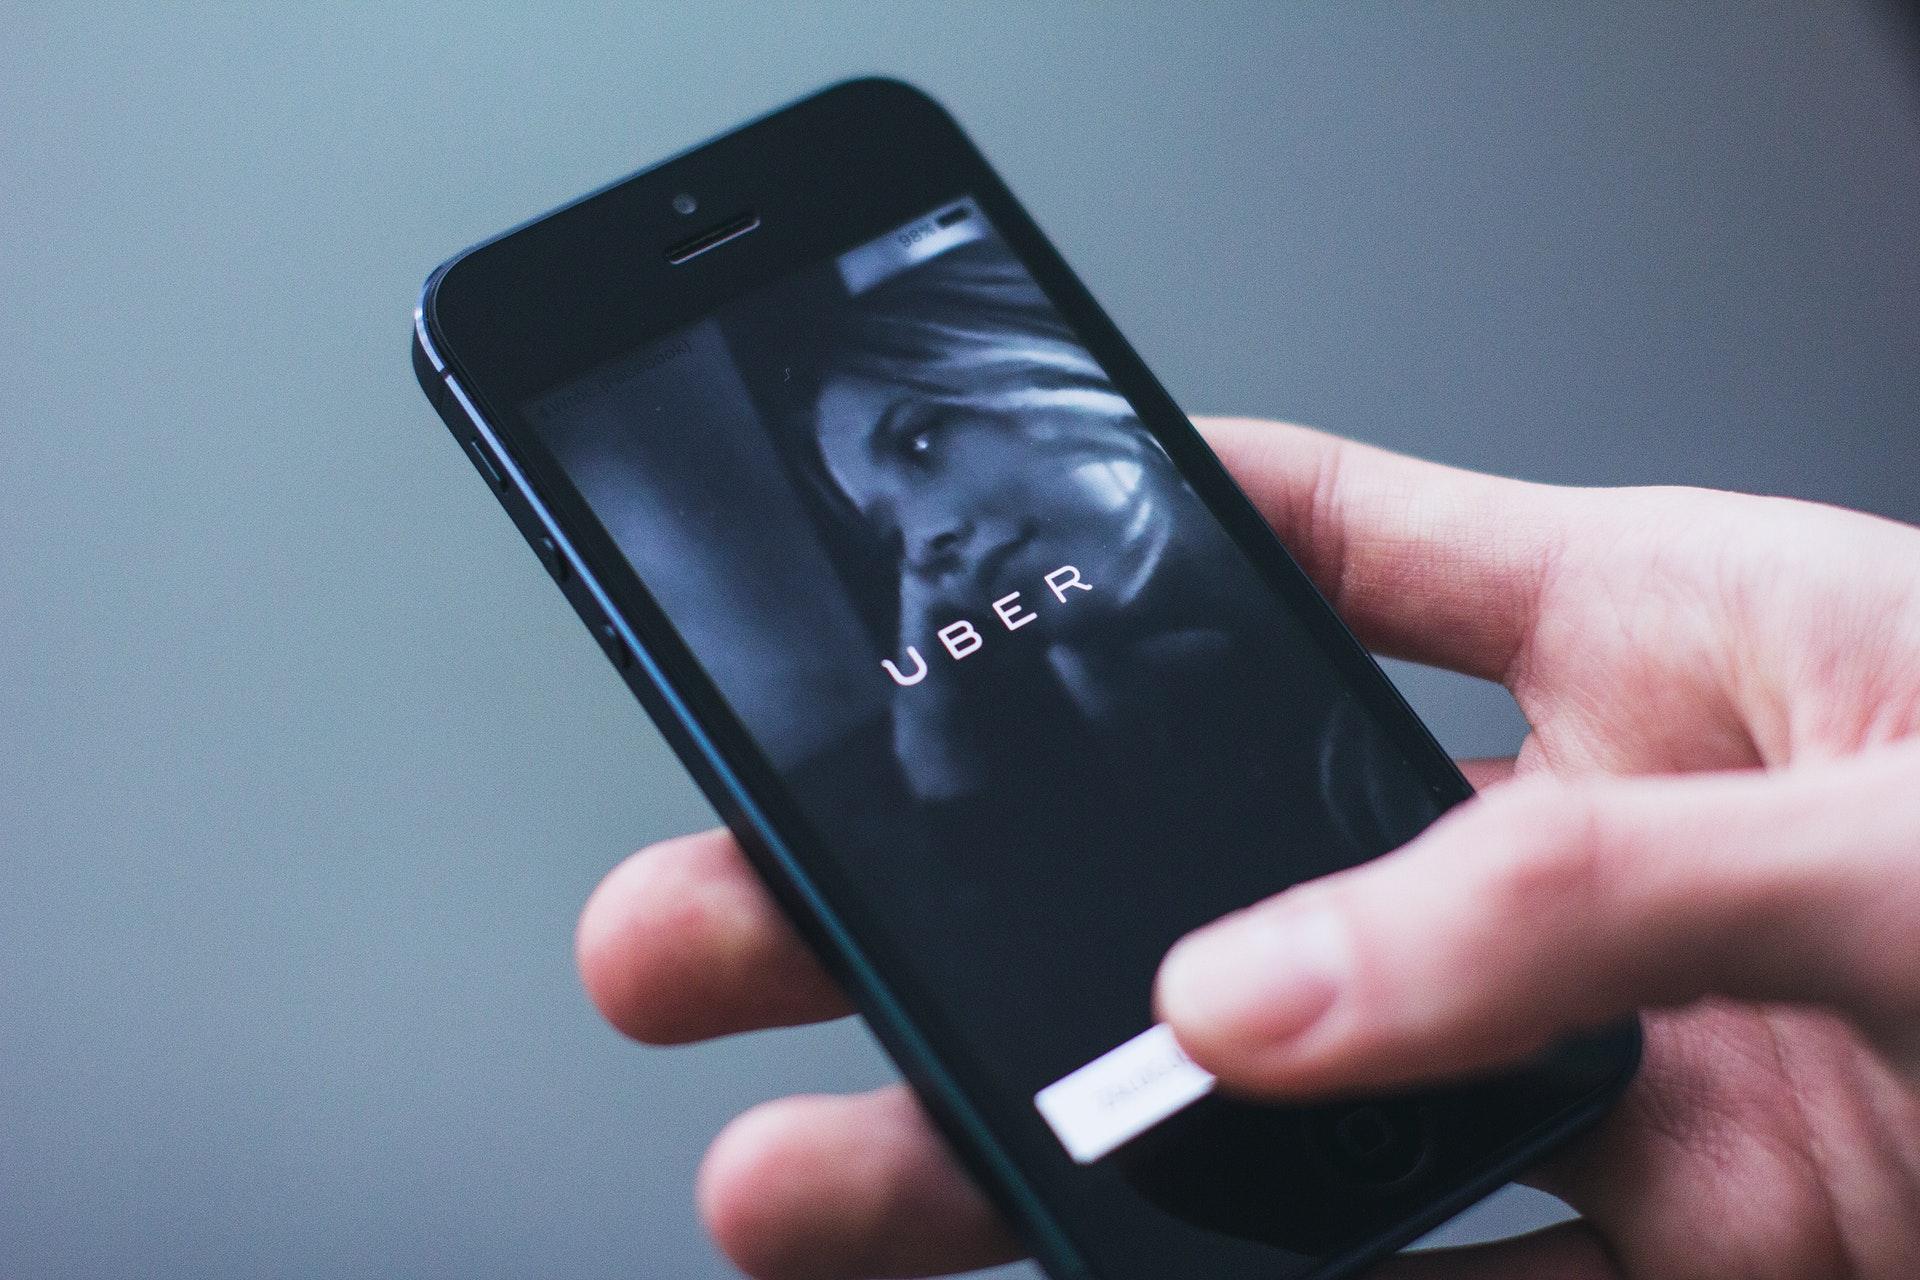 uberden yeni kripto para eco